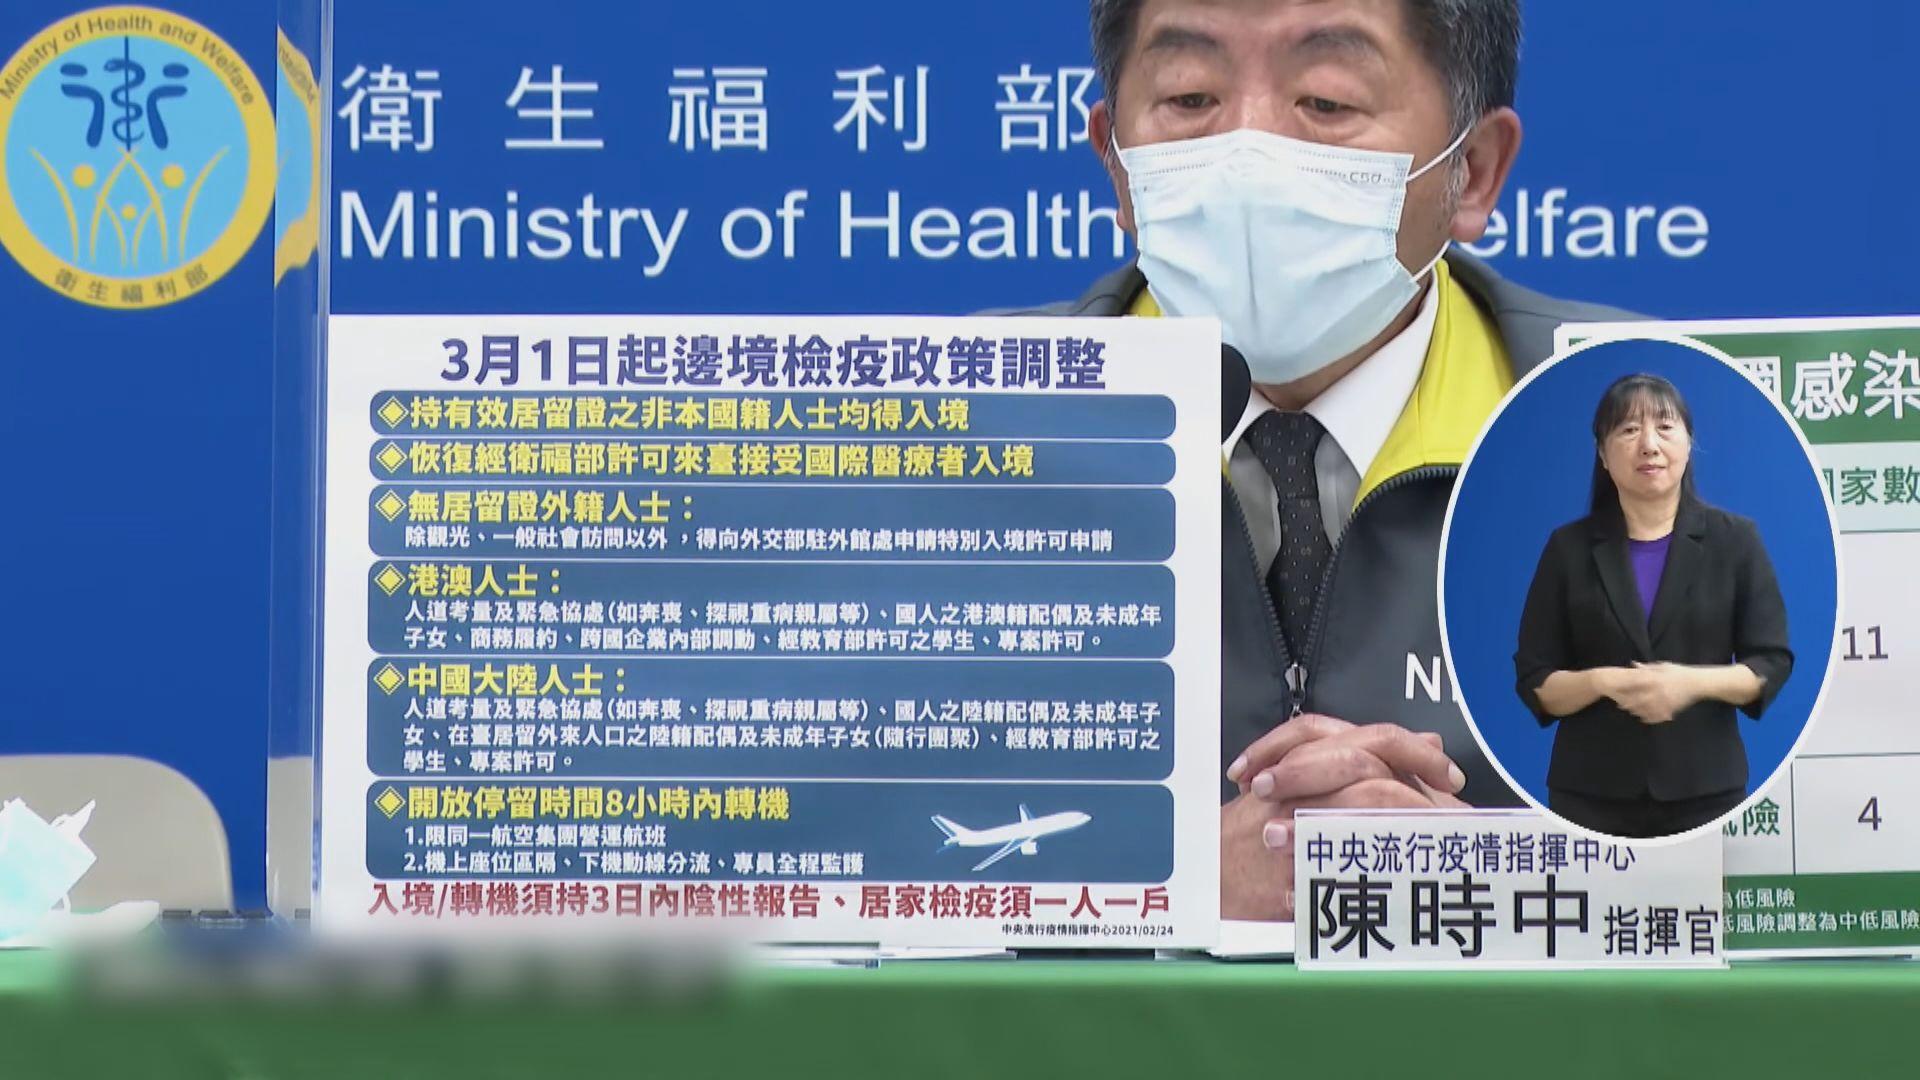 台灣三月起放寬外地人入境 旅遊觀光客未有鬆綁